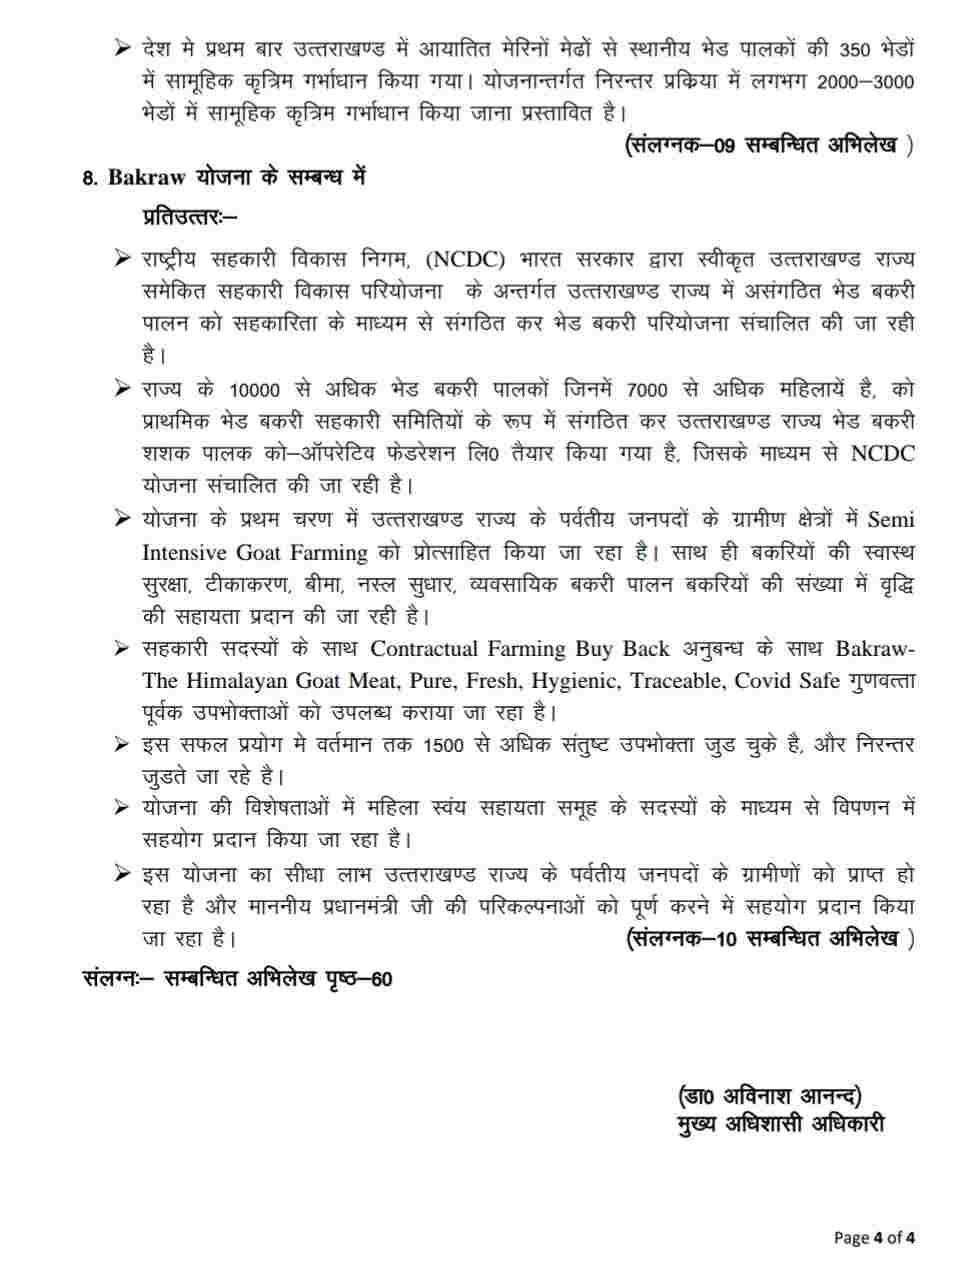 सांसद मेनका गांधी केआरोपों का बोर्ड के सीईओ डॉ.अविनाश आनंद ने दिया प्रतिउत्तर, दिया यह स्पष्टीकरण 5